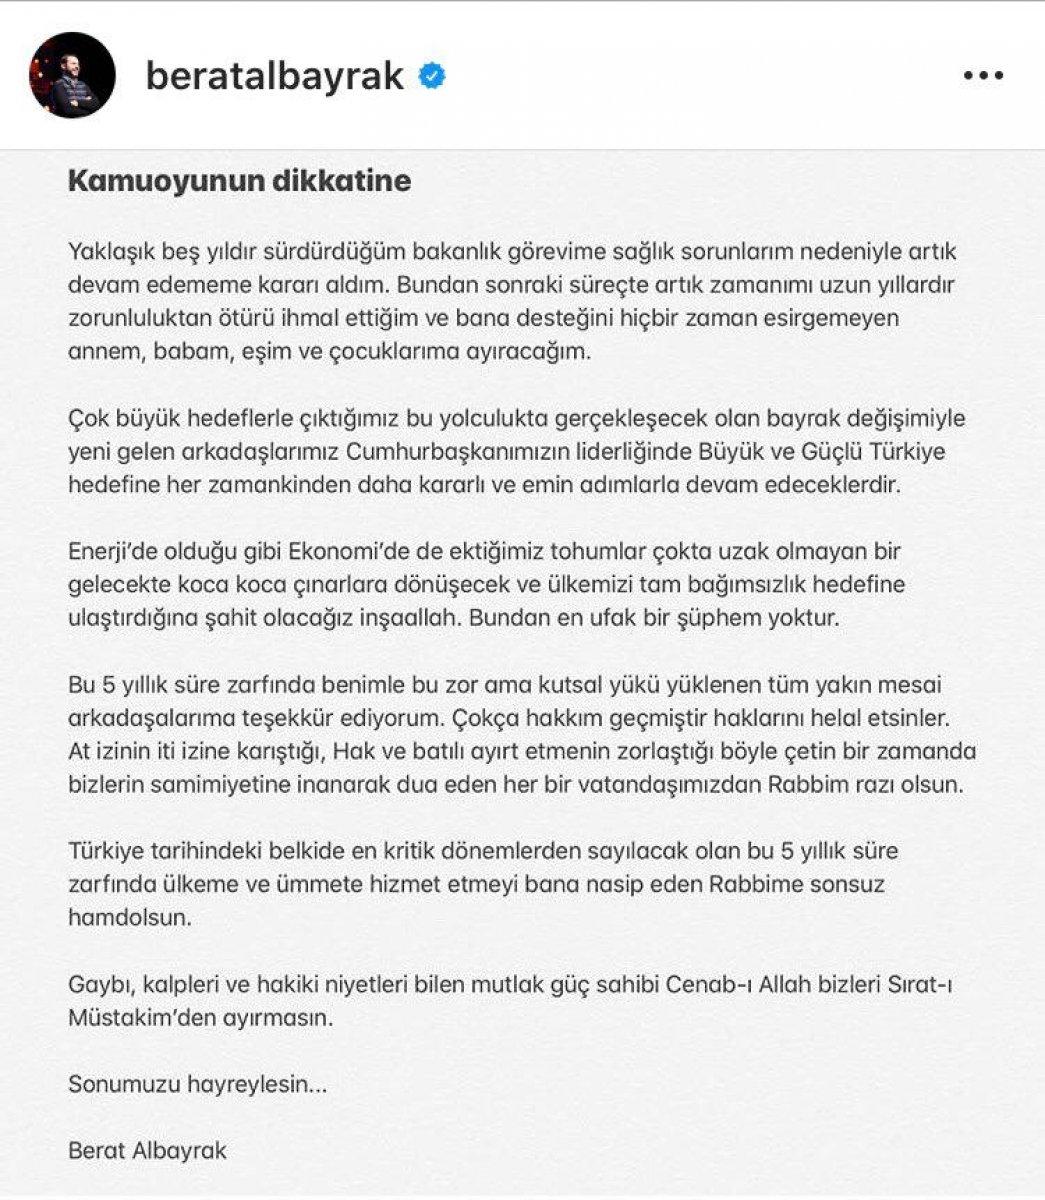 Berat Albayrak, bakanlık görevinden istifa etti  #1